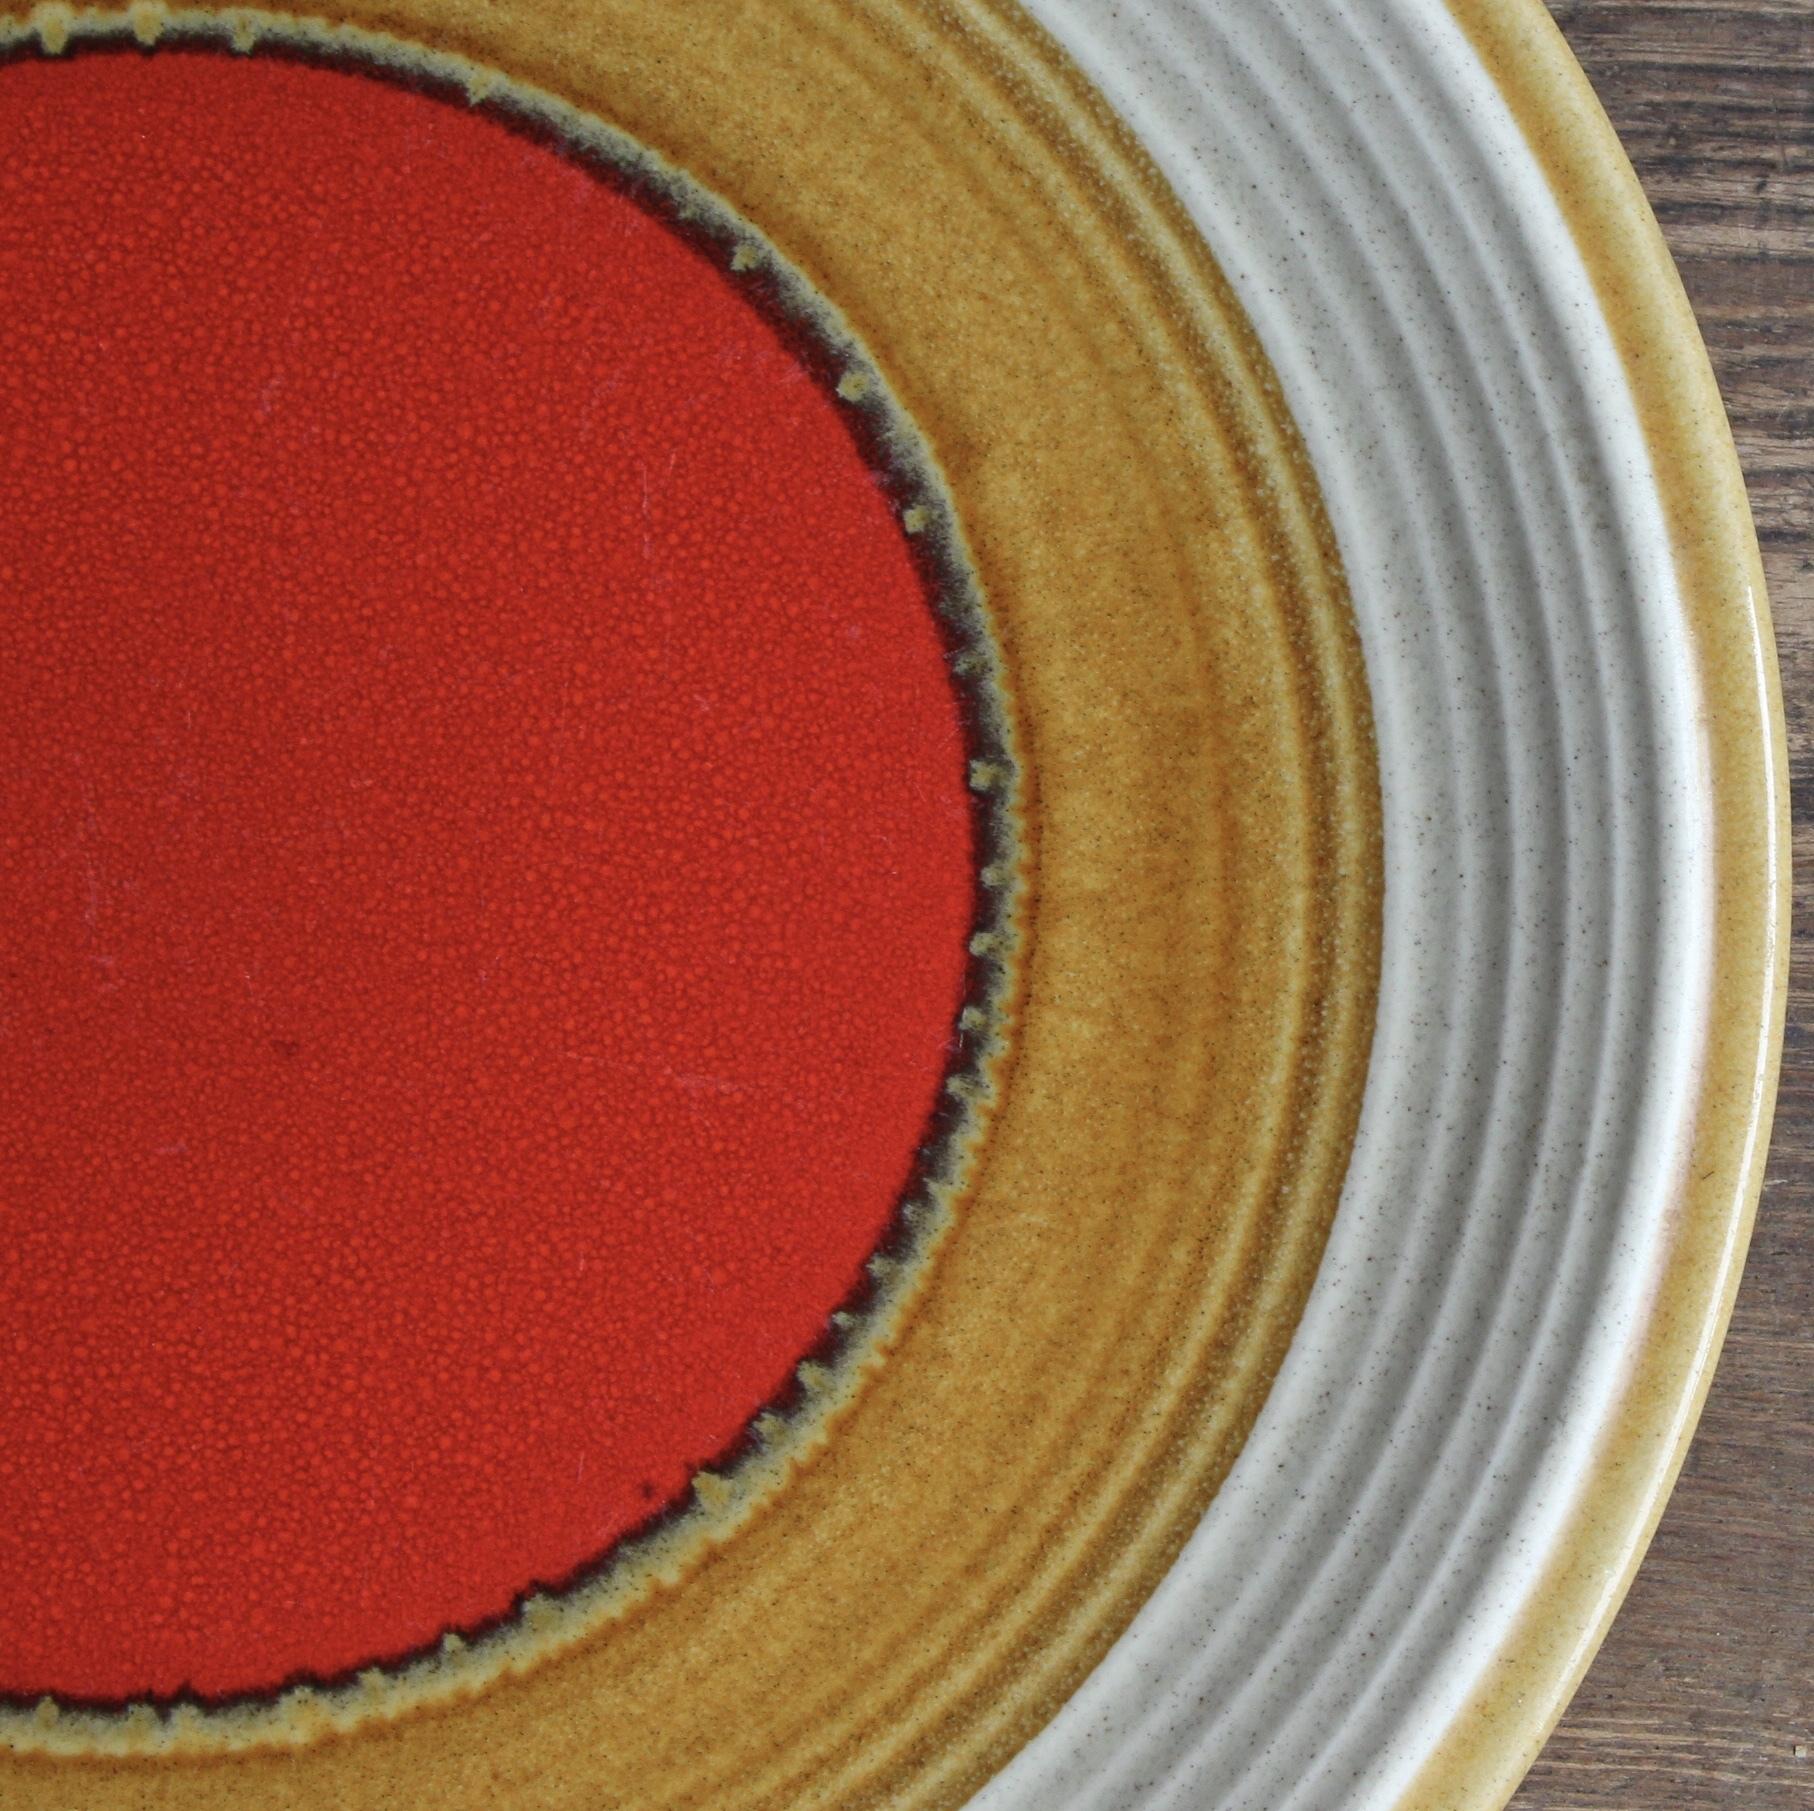 ミカサ 赤丸 ストーンウェア ディナー皿 在庫1枚